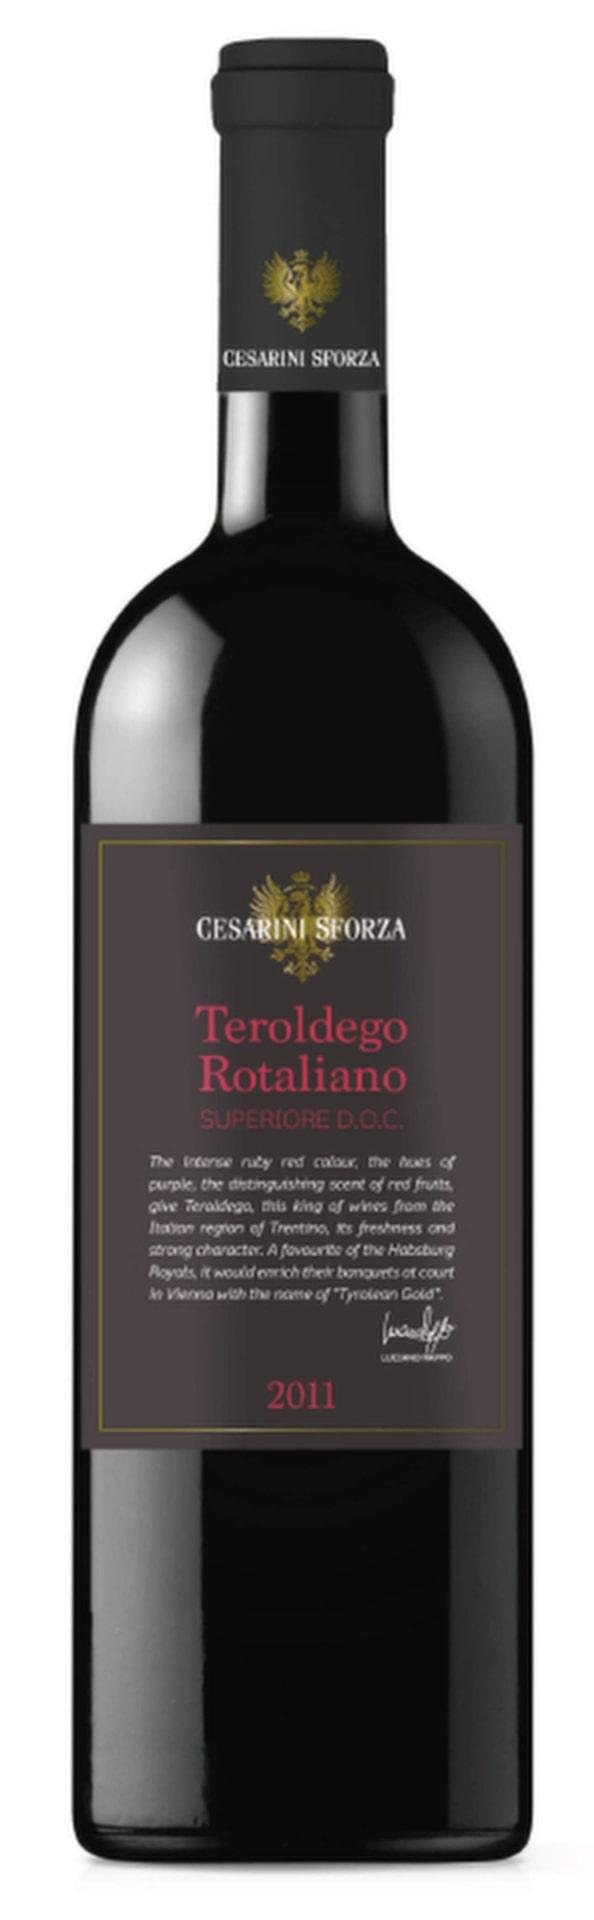 RöttCesarini Sforza Teroldego Rotaliano 2012(2377) Trentino-Alto Adige, 81 krSmakrikt med inslag av saftiga plommon, björnbär, örter. Avrundad eftersmak. Utmärkt till en capricciosa.